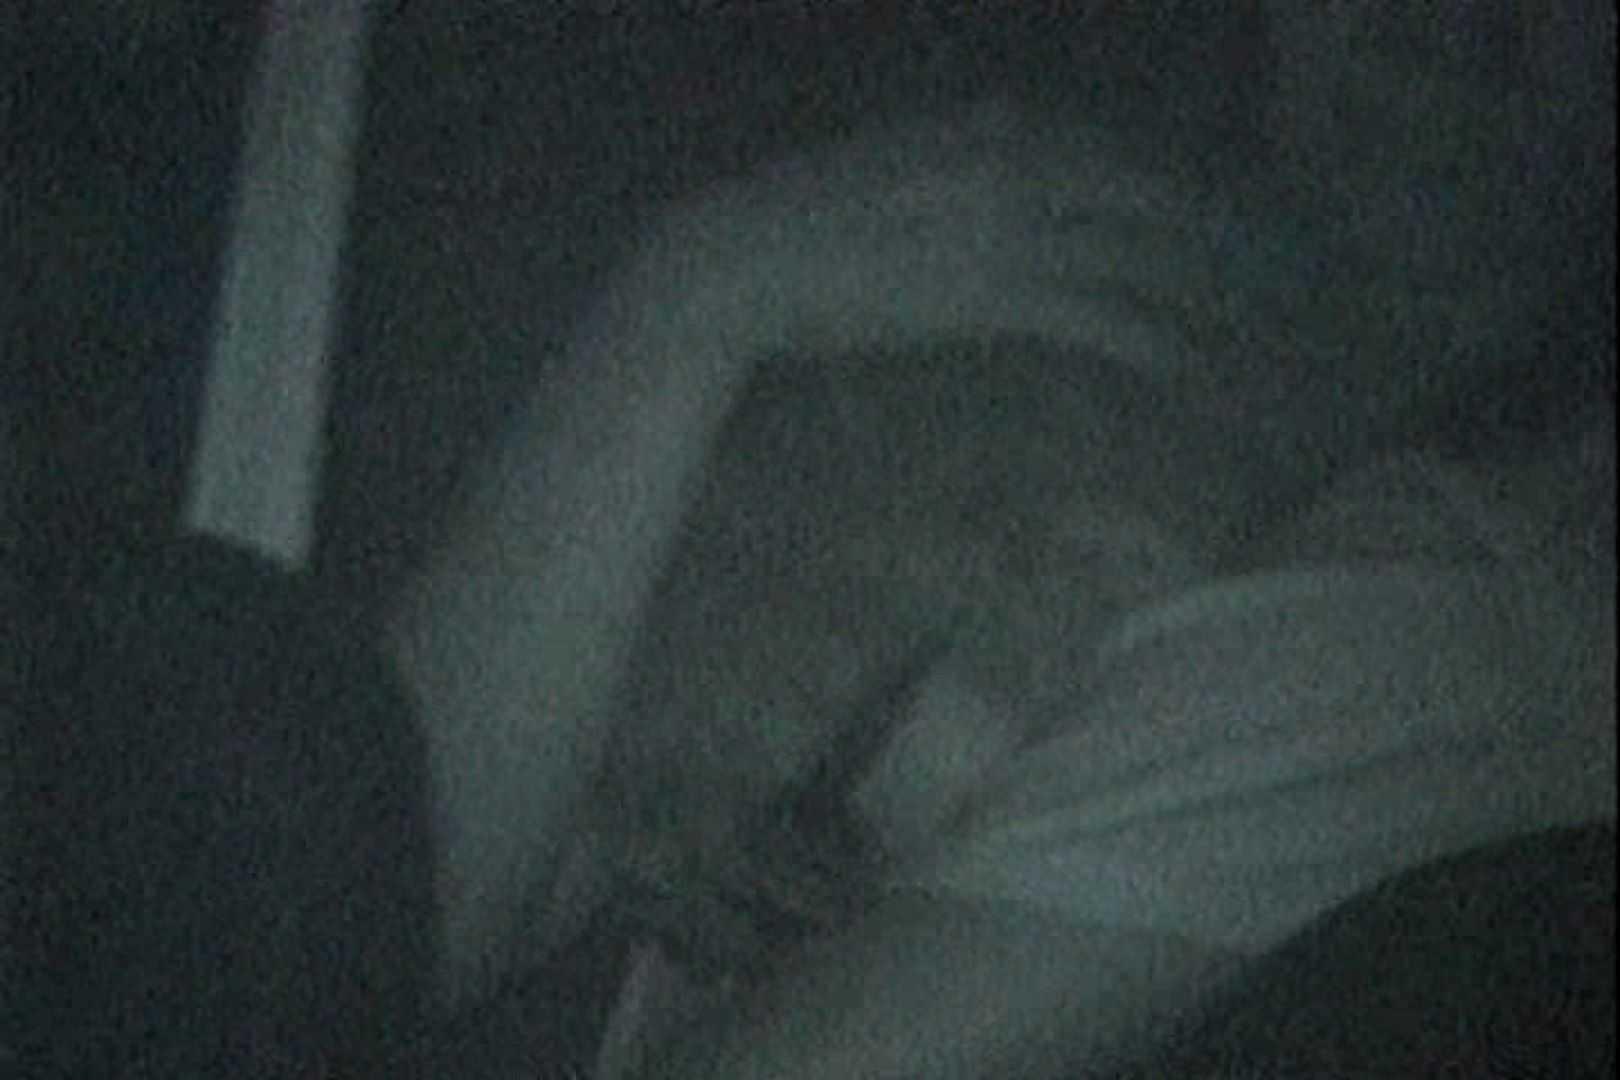 充血監督の深夜の運動会Vol.144 カップル盗撮 盗撮画像 62画像 43